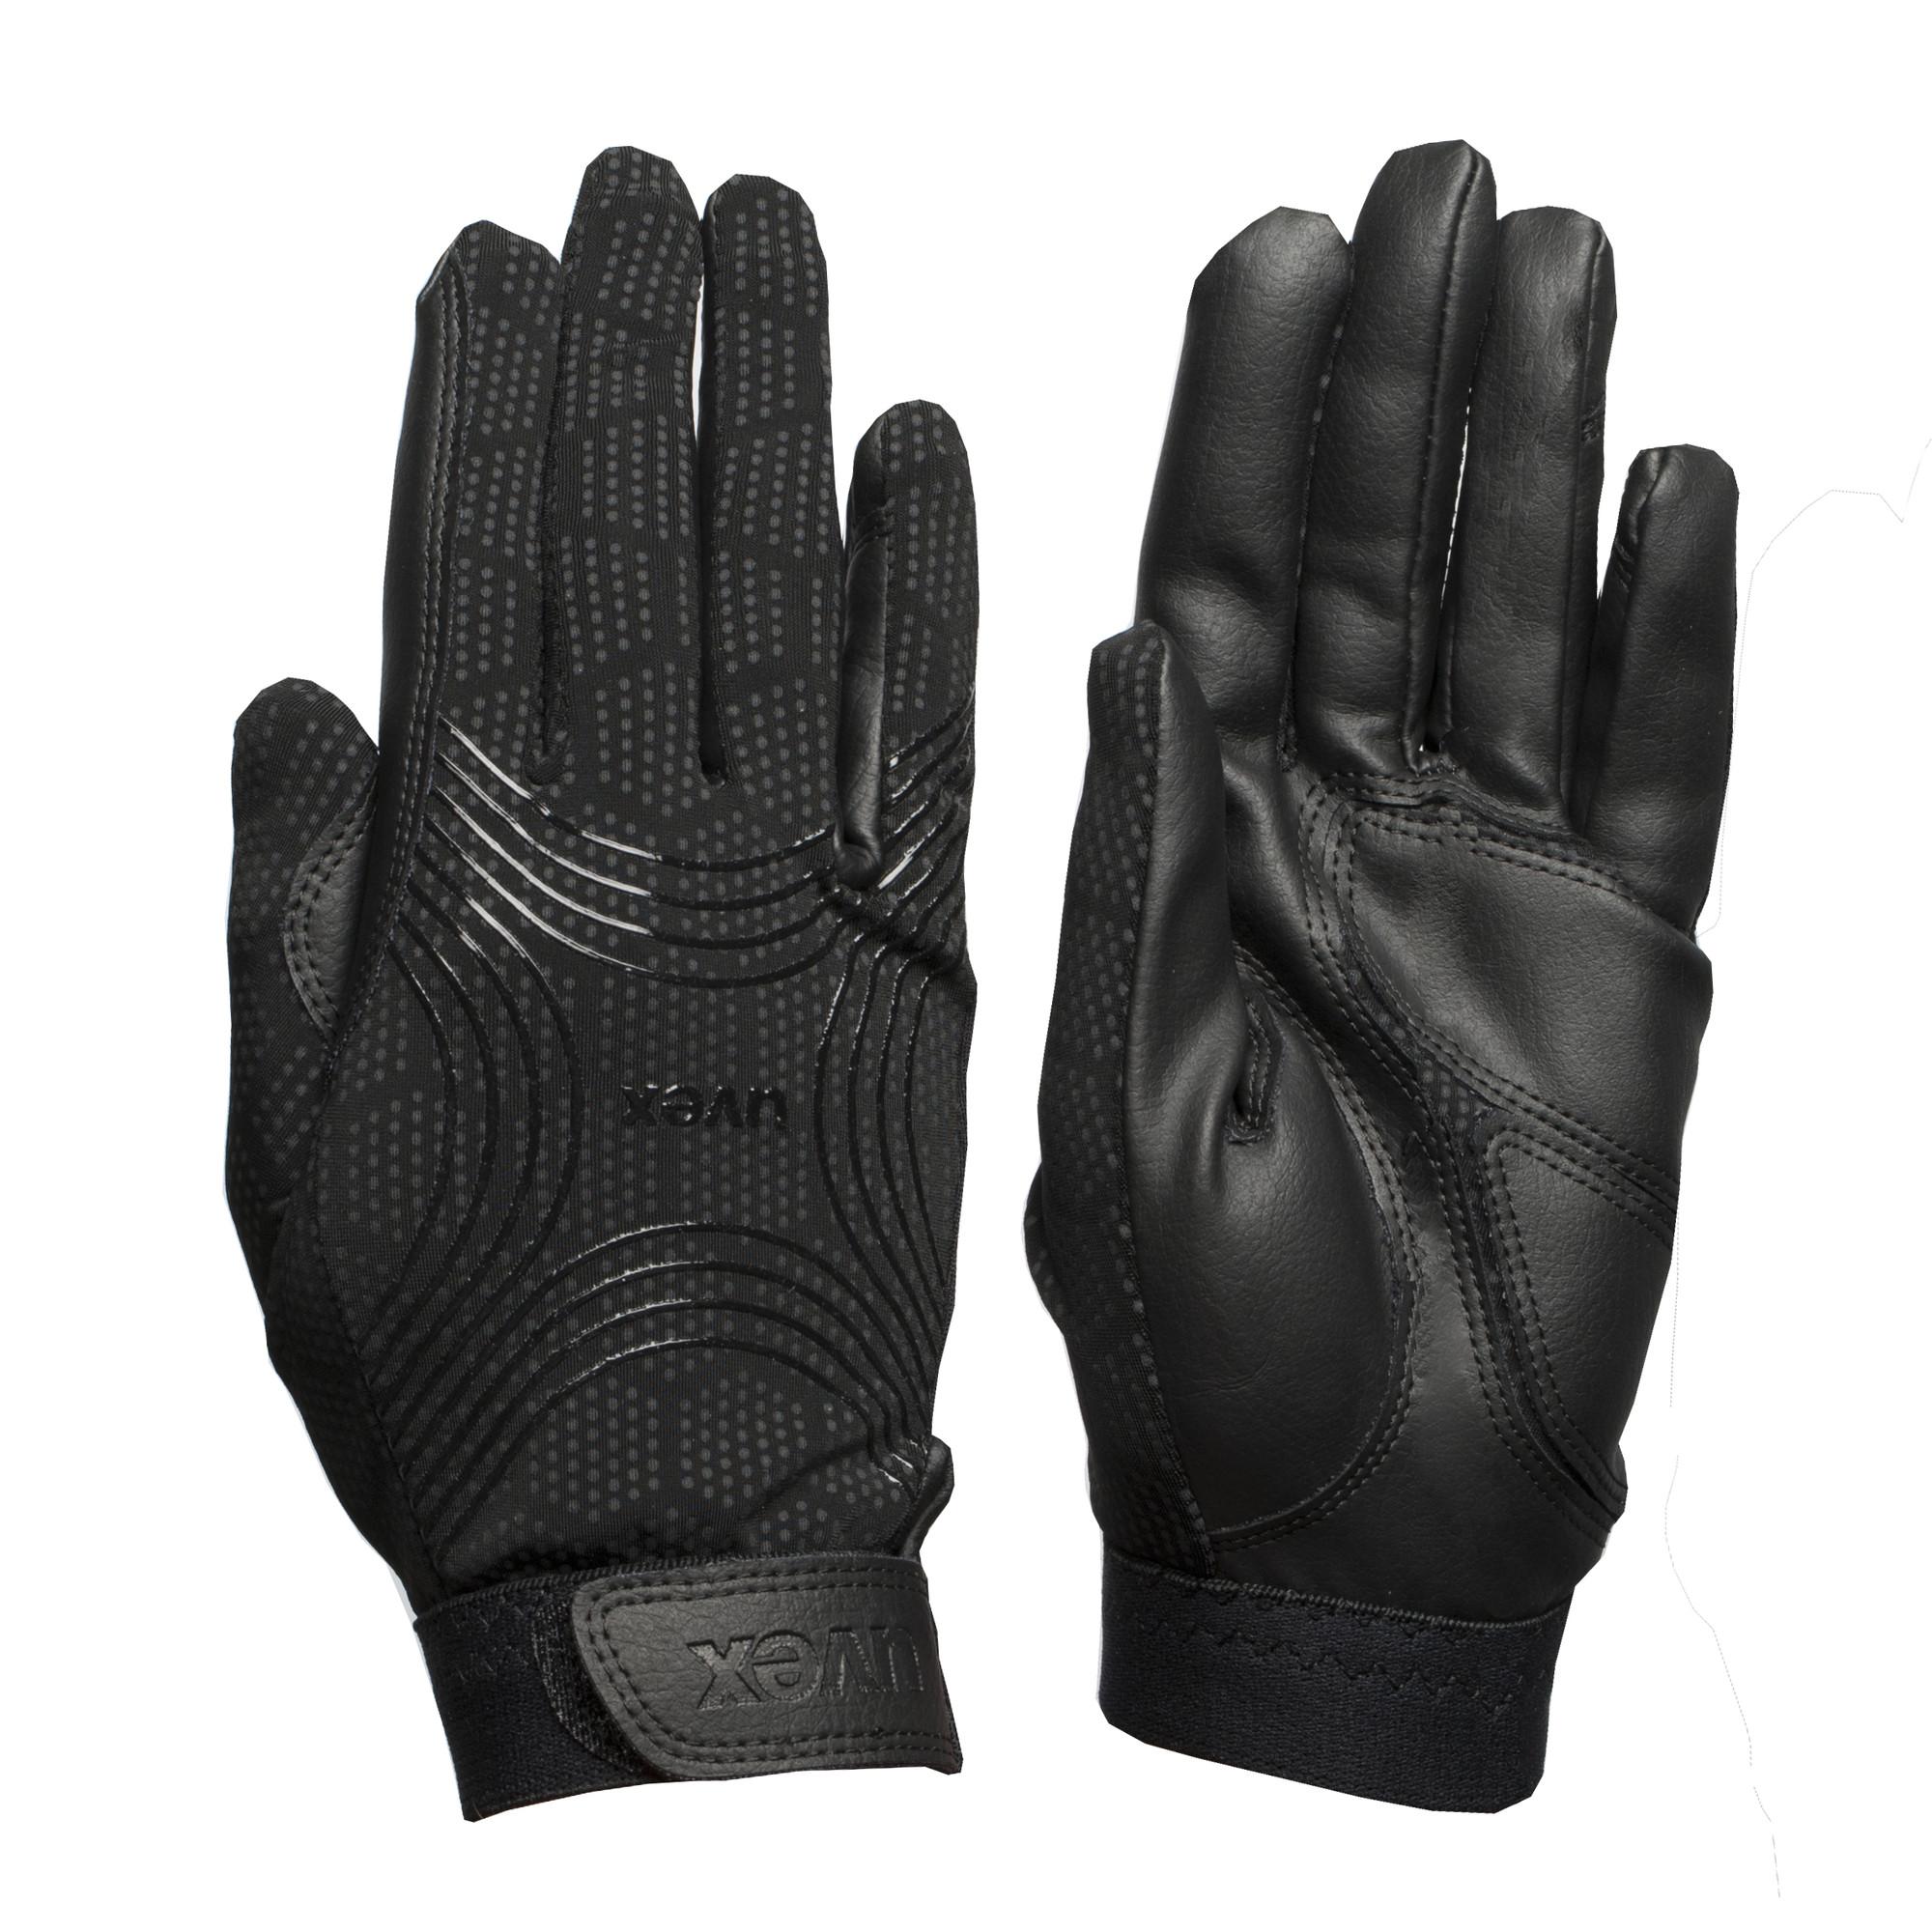 Uvex Handschoenen Ceravent zwart maat:8